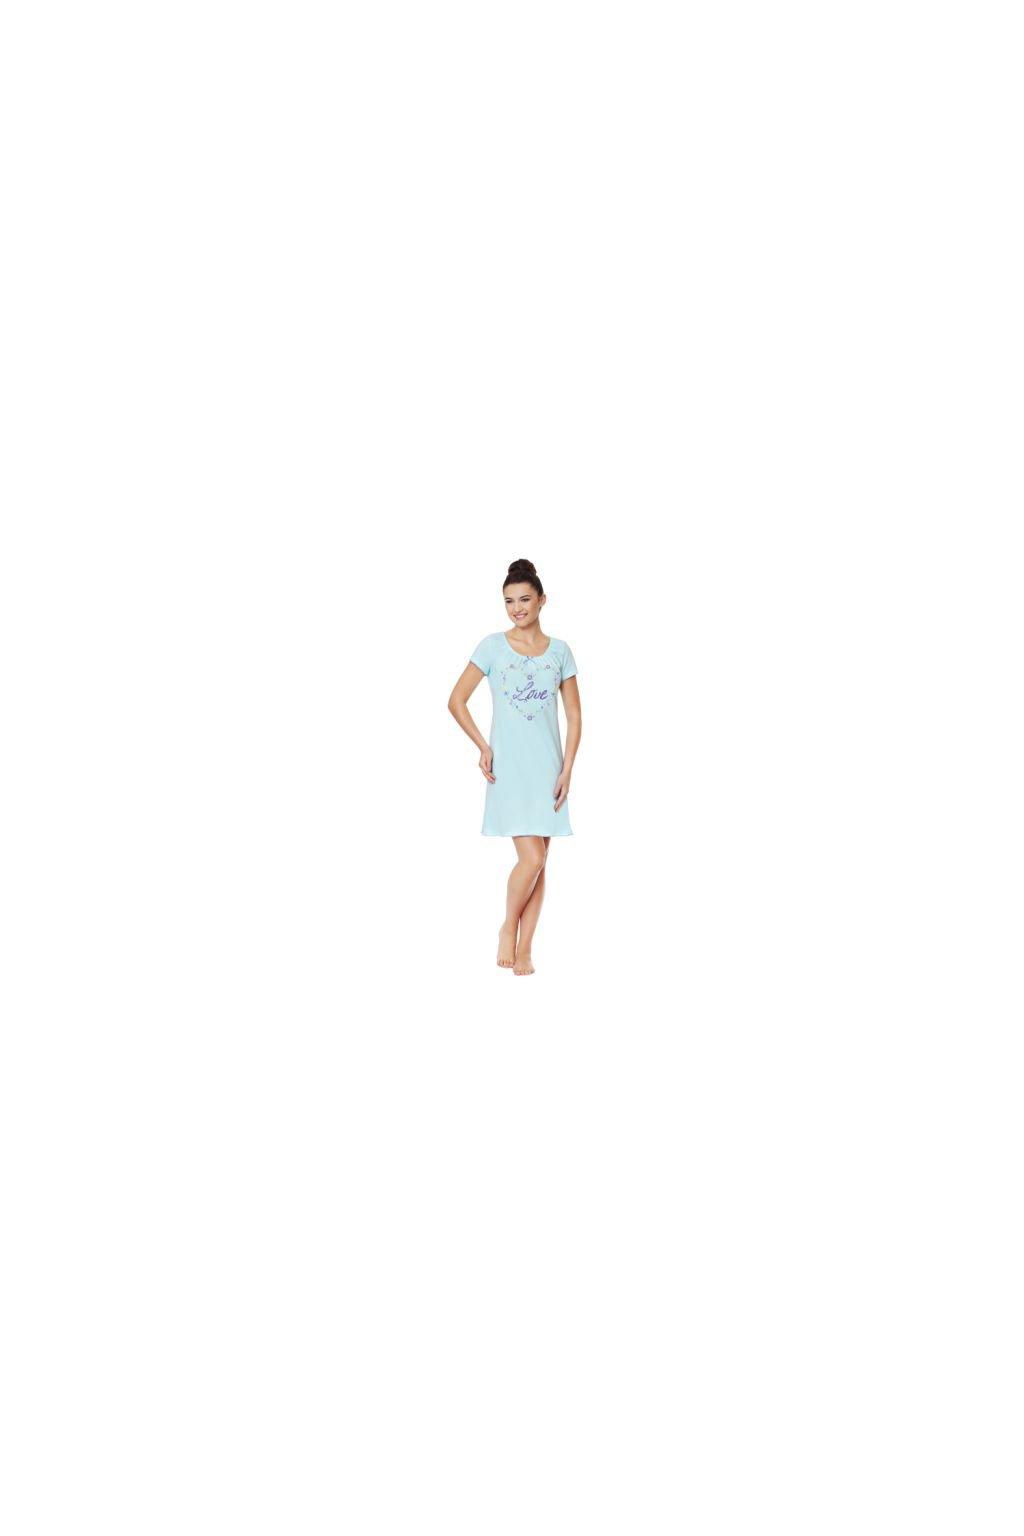 Dámská noční košile s krátkým rukávem, 104331 16, modrá